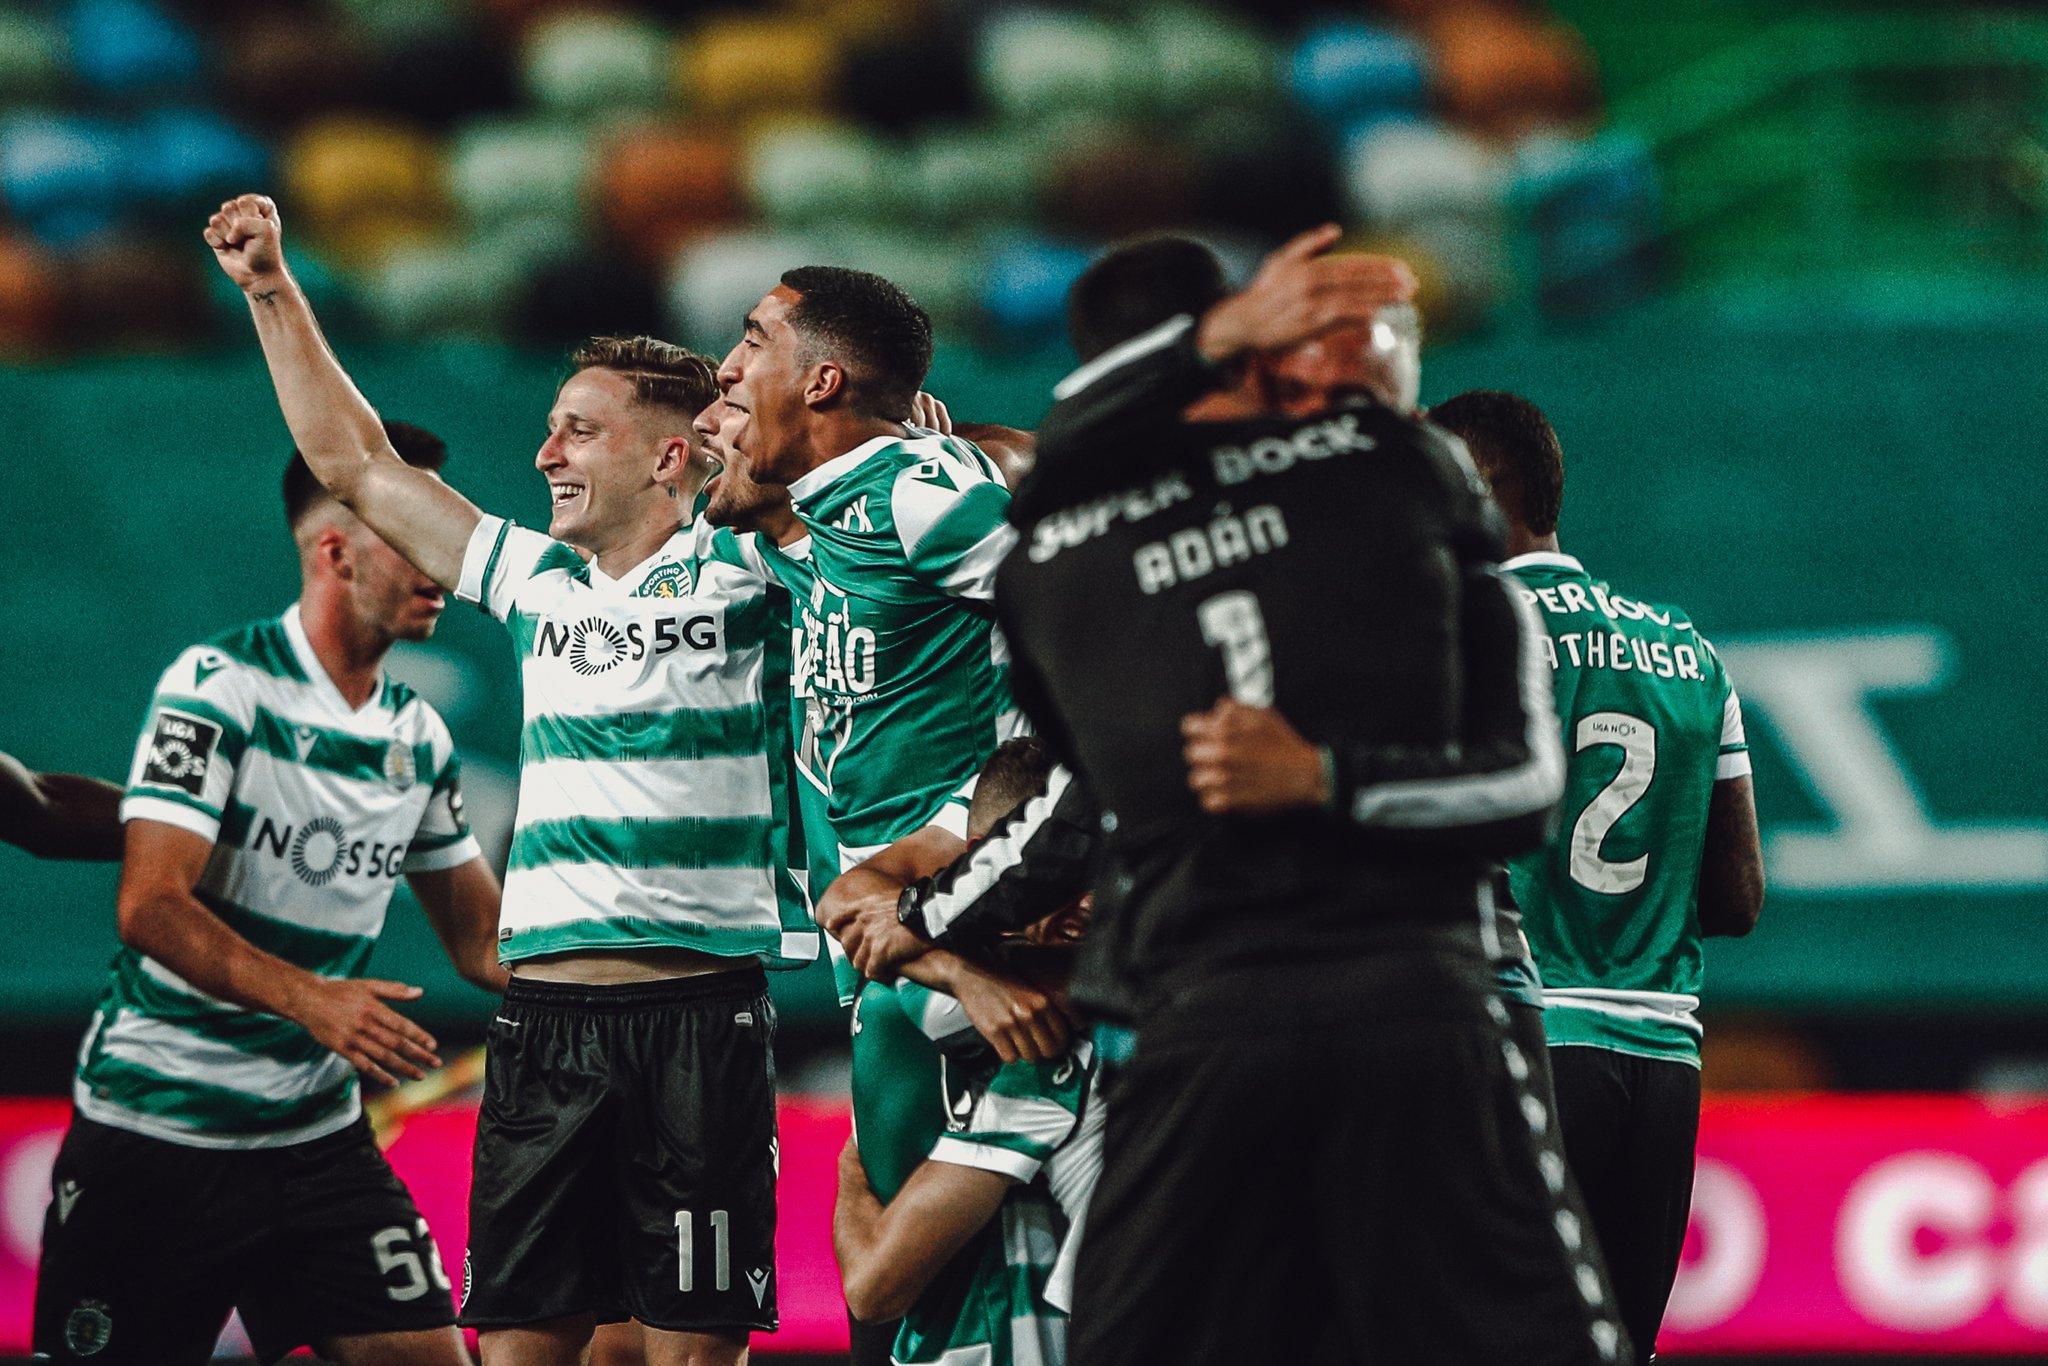 احتفالات لاعبى سبورتنج لشبونة بلقب الدوري البرتغالى (4)